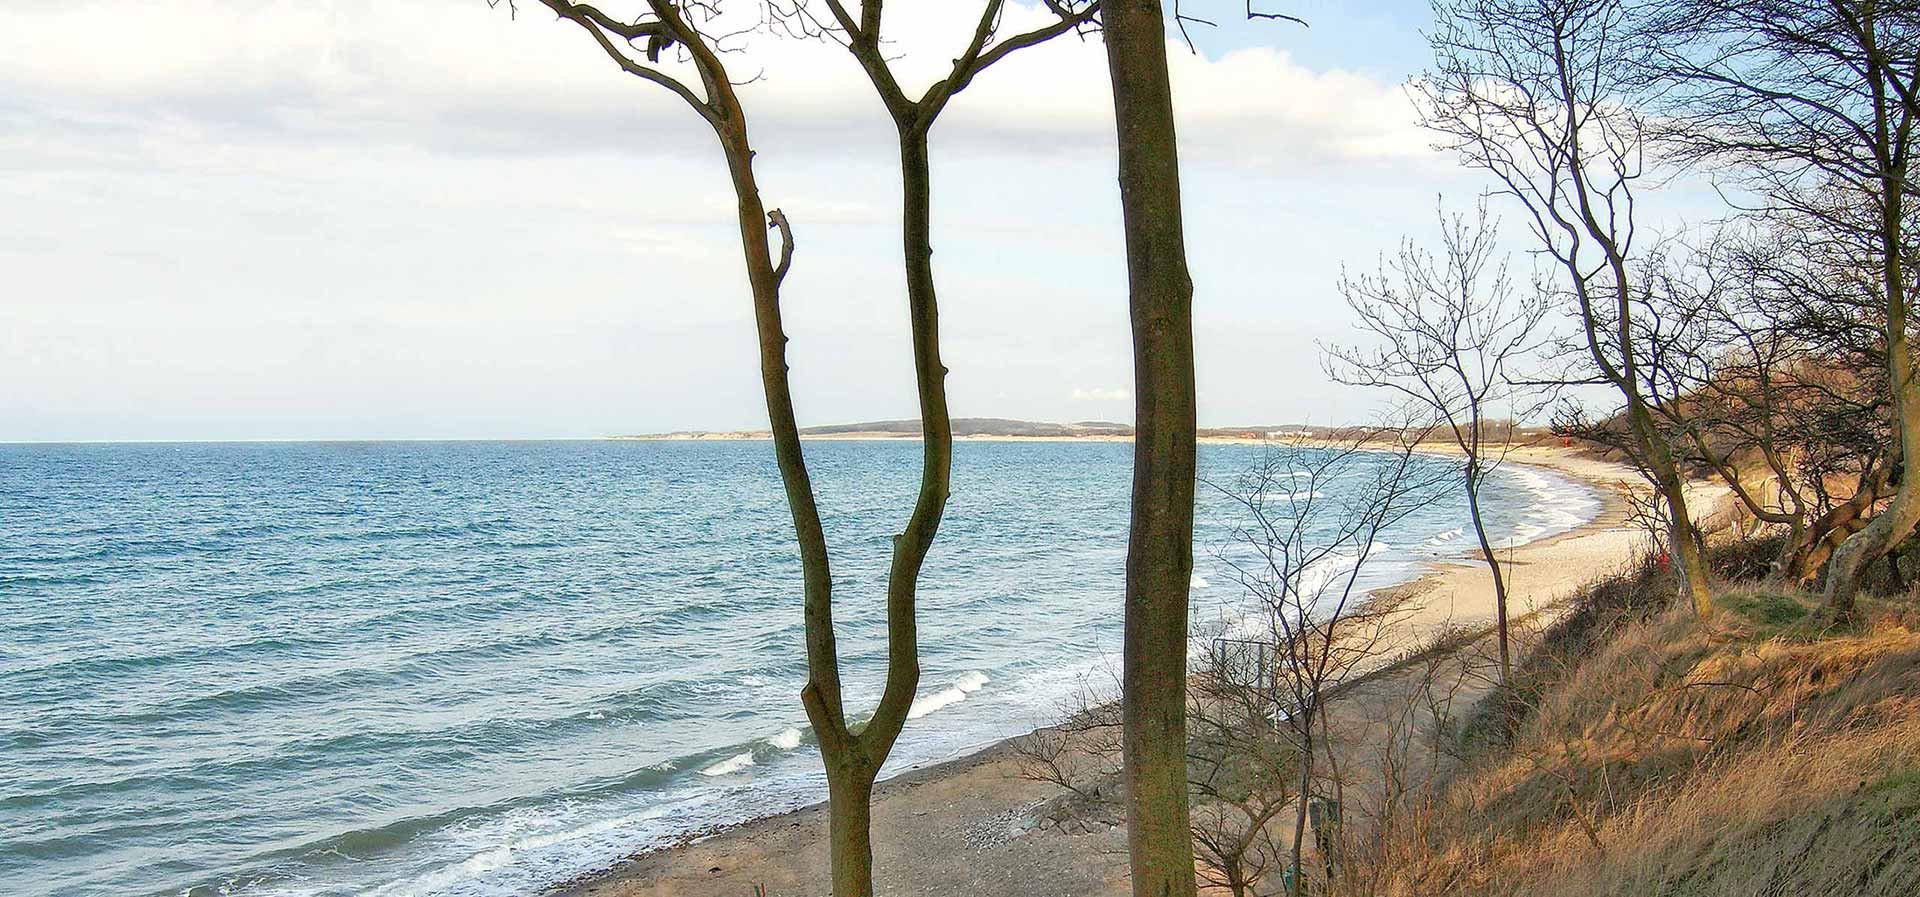 Ostseeküste bei Weißenhaus bzw. Weissenhäuser Strand, Sehlendorf und der Hohwachter Bucht, ein idealer Ort für die letzte Ruhe